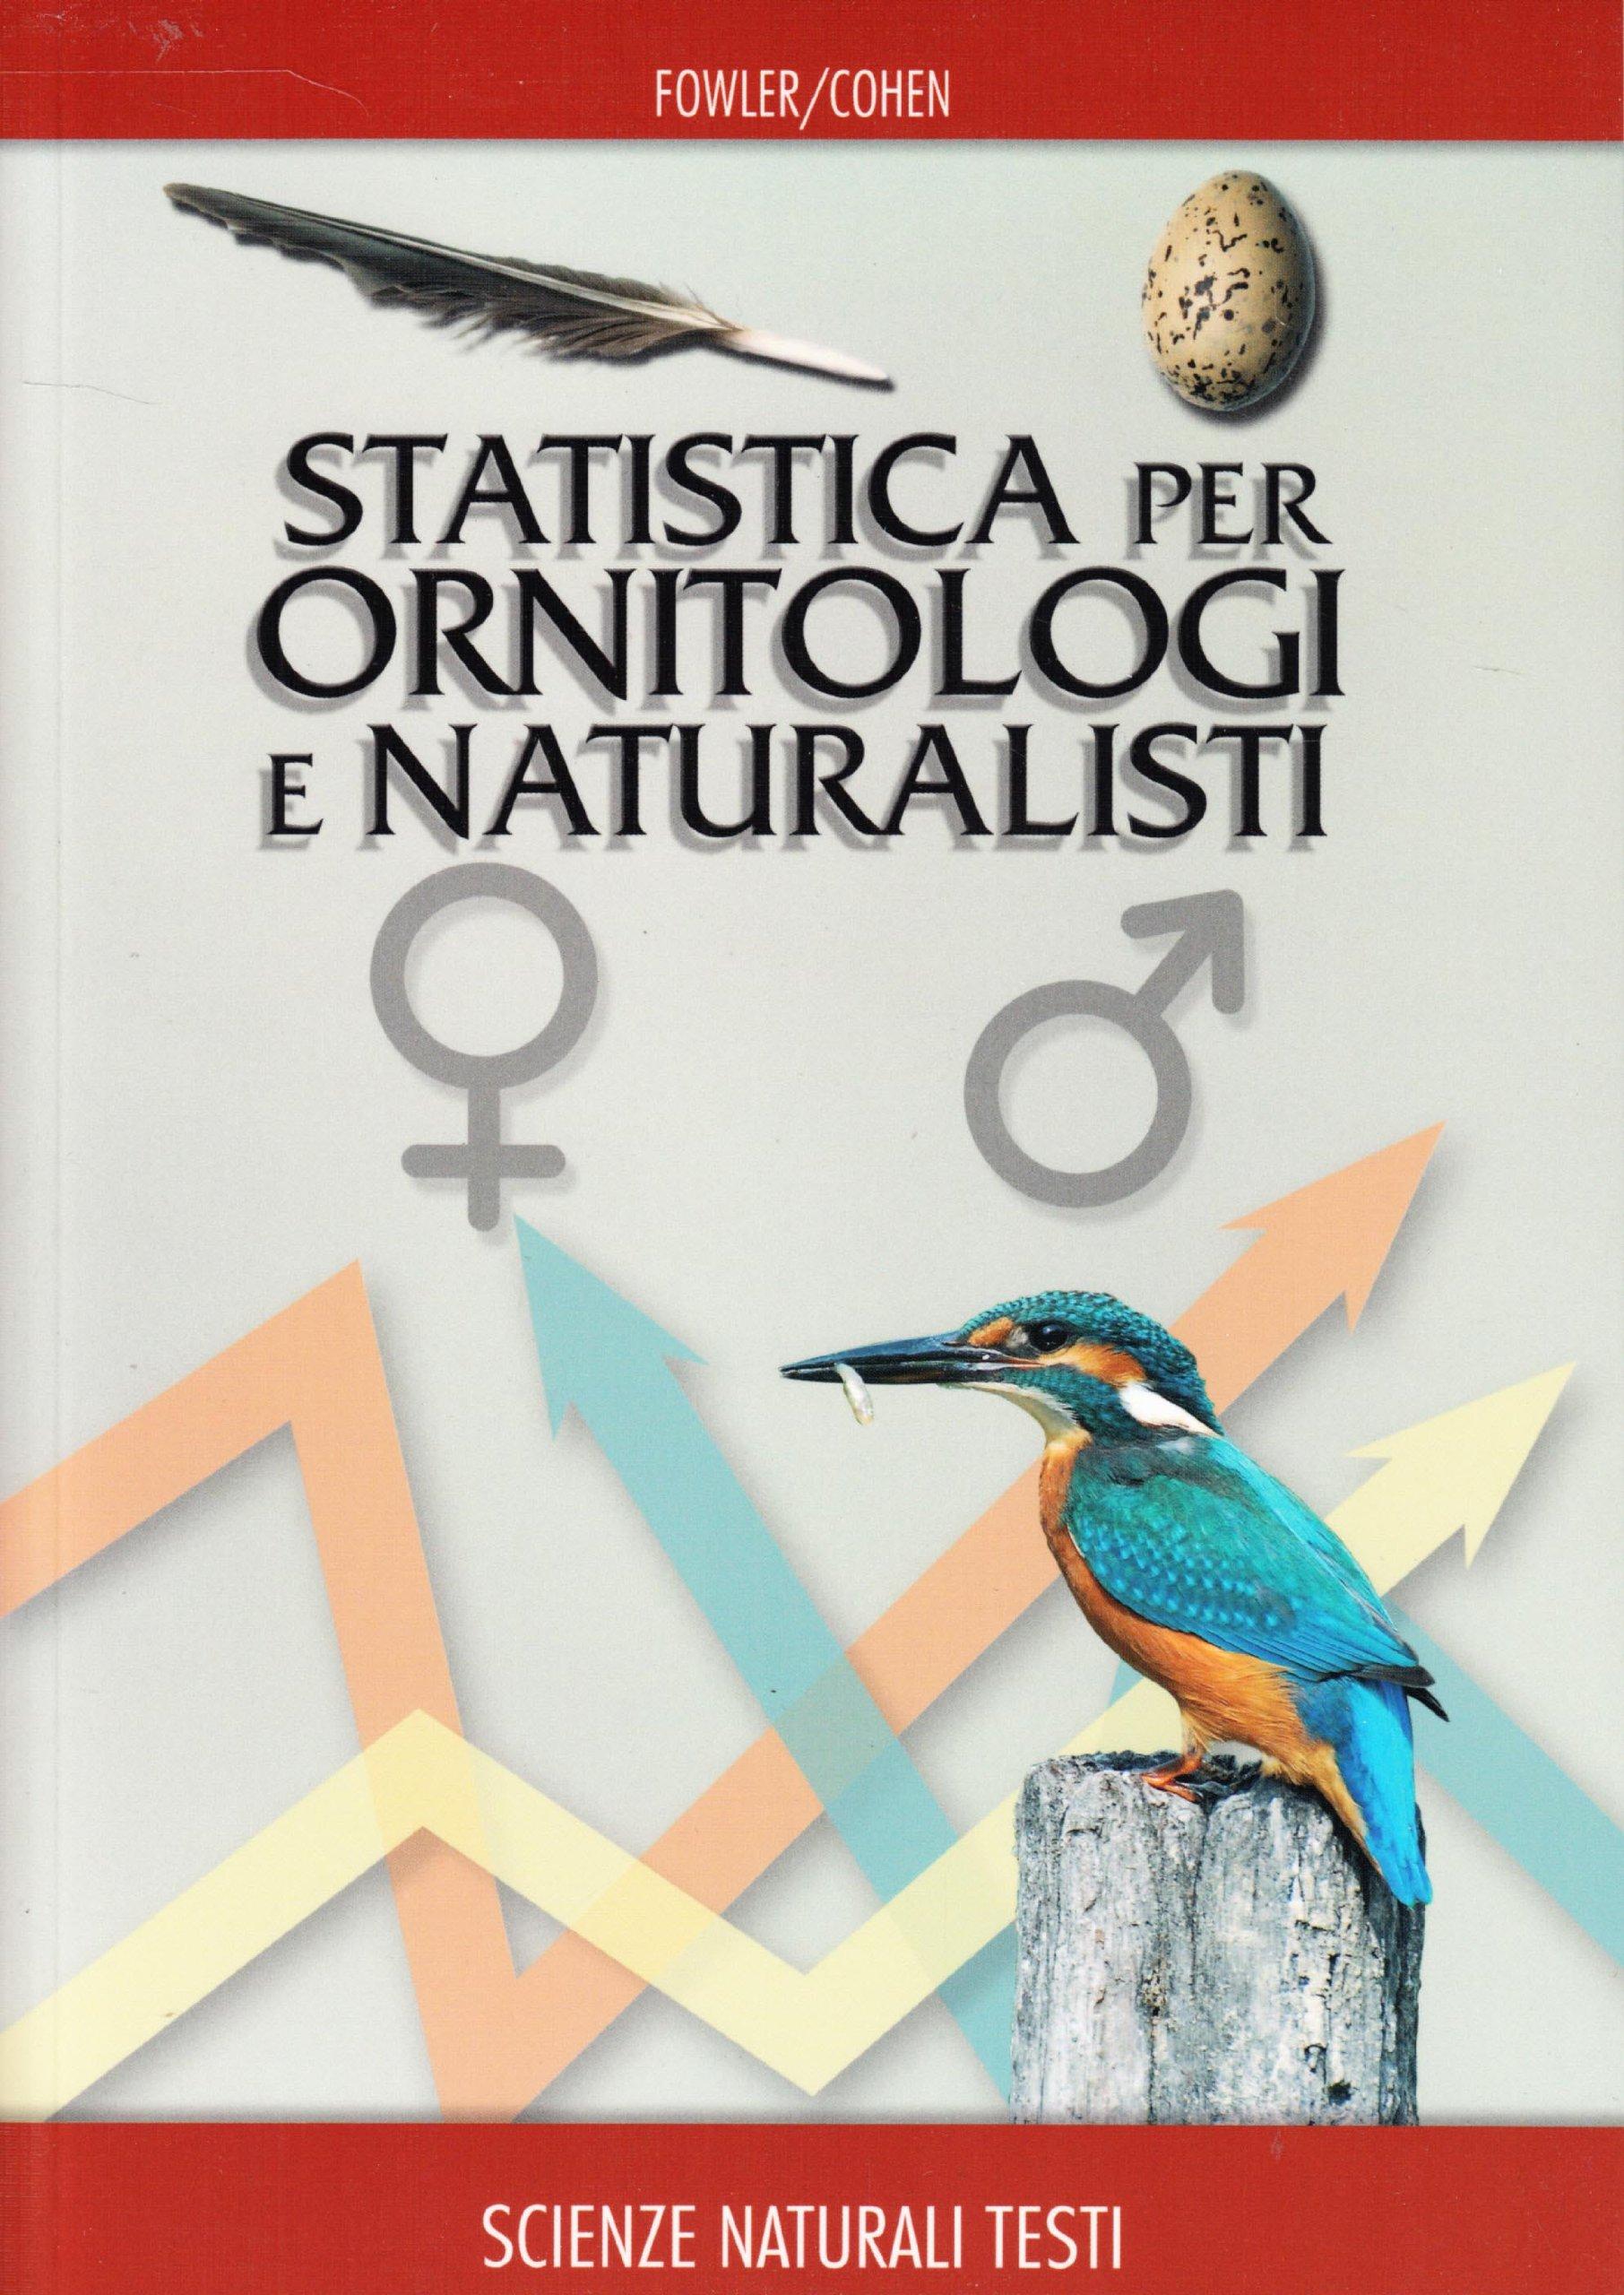 Statistica per ornitologi e naturalisti Copertina flessibile – 1 mag 2010 Jim Fowler Louis Cohen Franco Muzzio Editore 8874132220